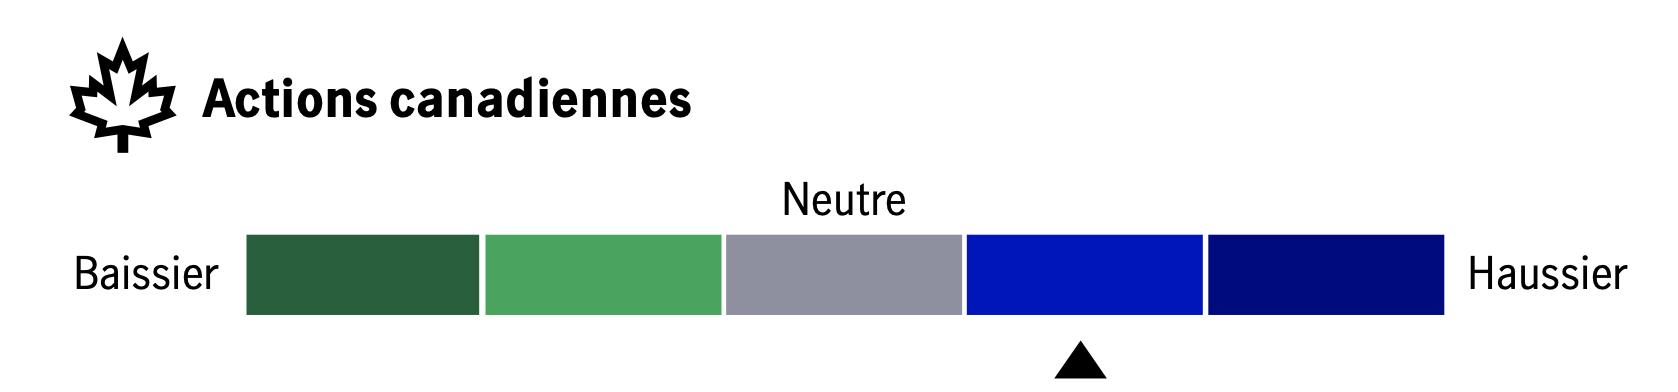 Ce tableau contient du texte accompagnant les diagrammes de chaleur pour six grandes catégories d'actifs: actions canadiennes, actions américaines, actions internationales (marchés développés et marchés émergents) et titres à revenu fixe (souverains des marchés développés et crédit aux entreprises américaines). Les diagrammes de chaleur, évaluant les perspectives d'Investissements Manuvie de haussier à baissier, indiquent une vue inférieure à la neutralité sur les six catégories d'actifs, ainsi que des justifications détaillées pour chaque position.